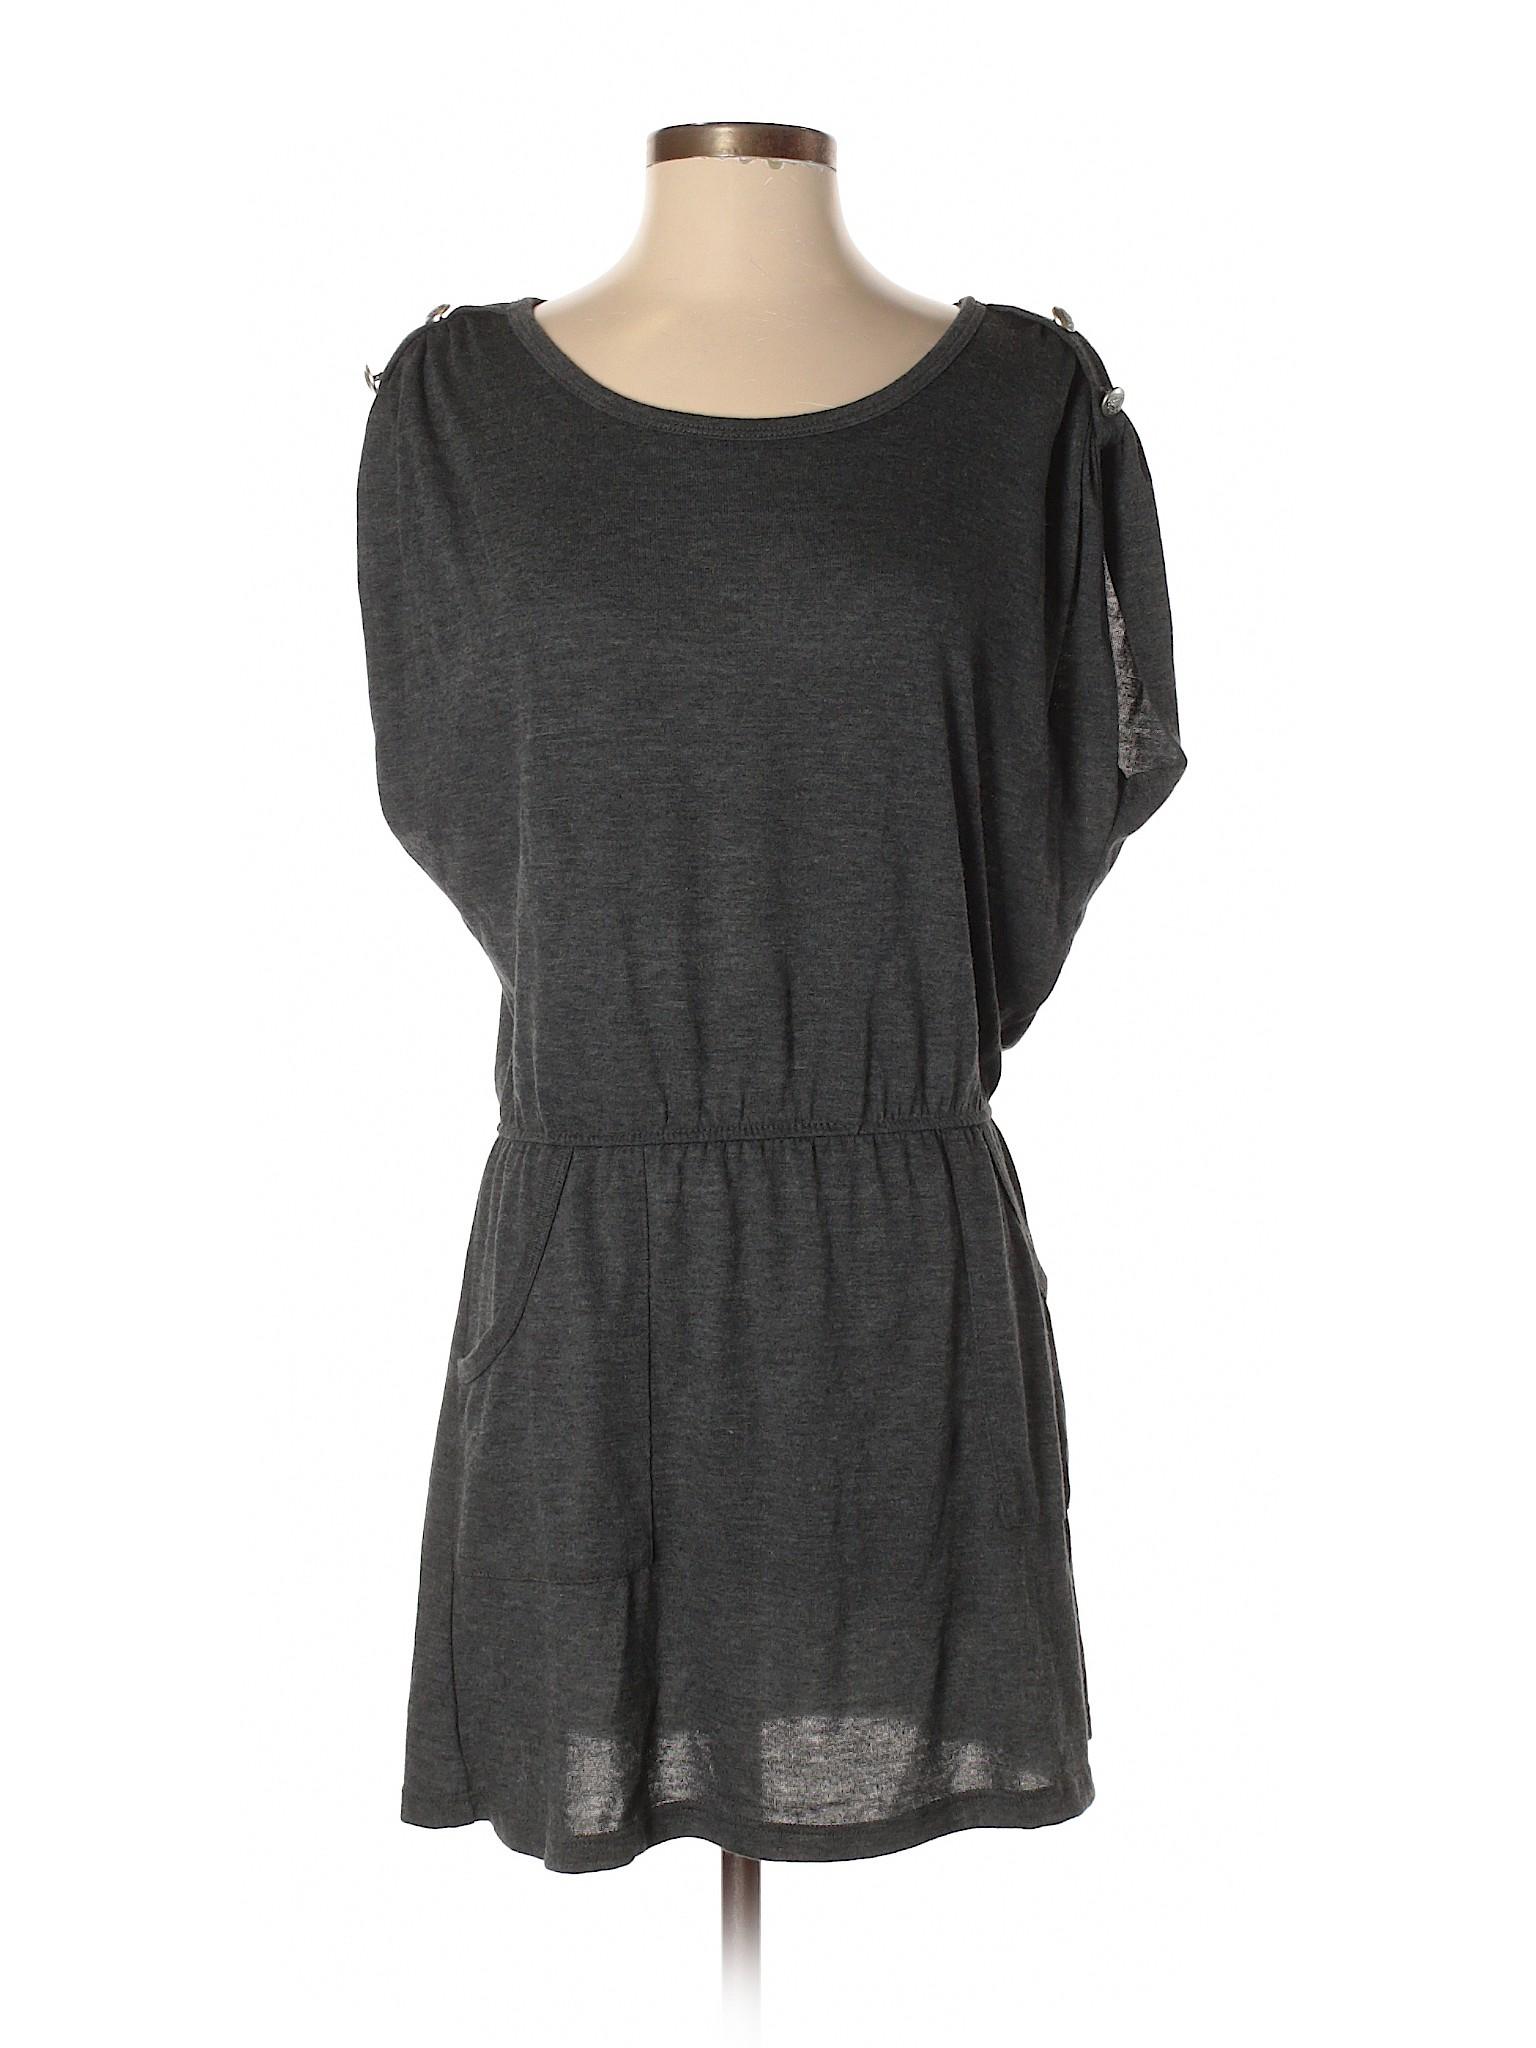 Angeles Los Dress winter Love Casual Delirious Boutique fTqIw1xB